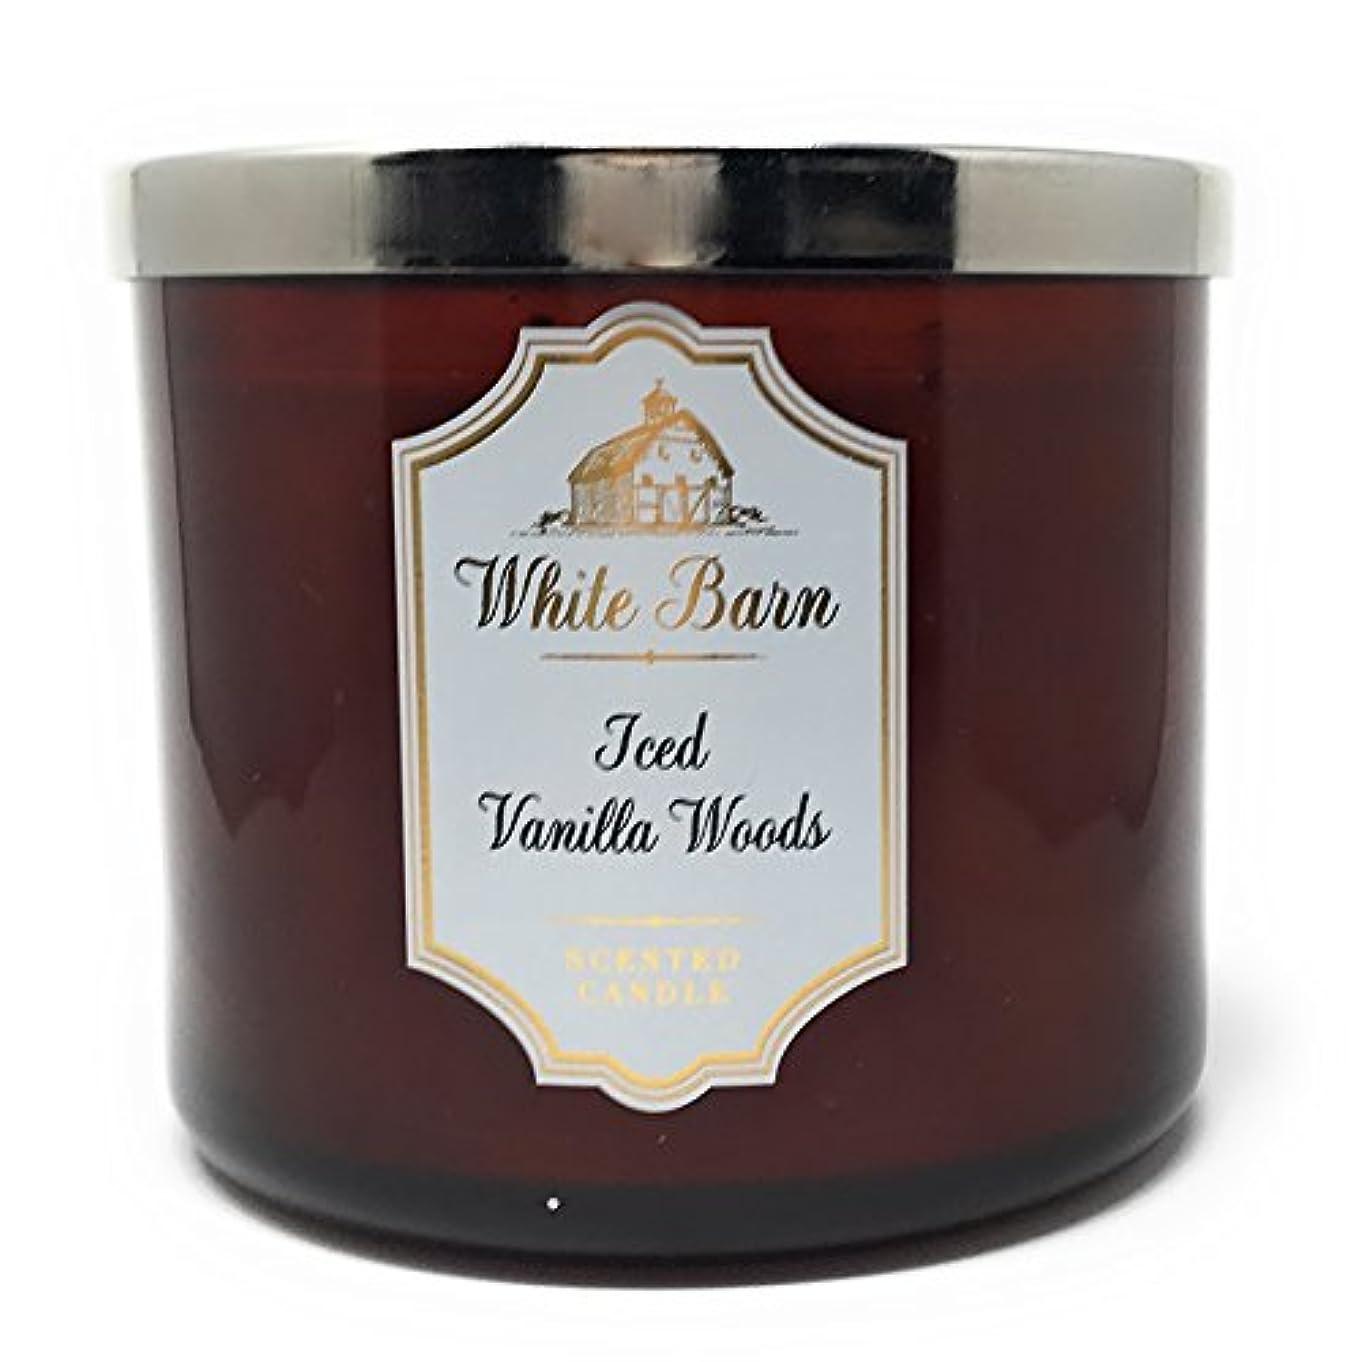 入札広げる場合ホワイトバーンBath & Body Works Candle 3 Wick 14.5オンス香りIced Vanilla Woods